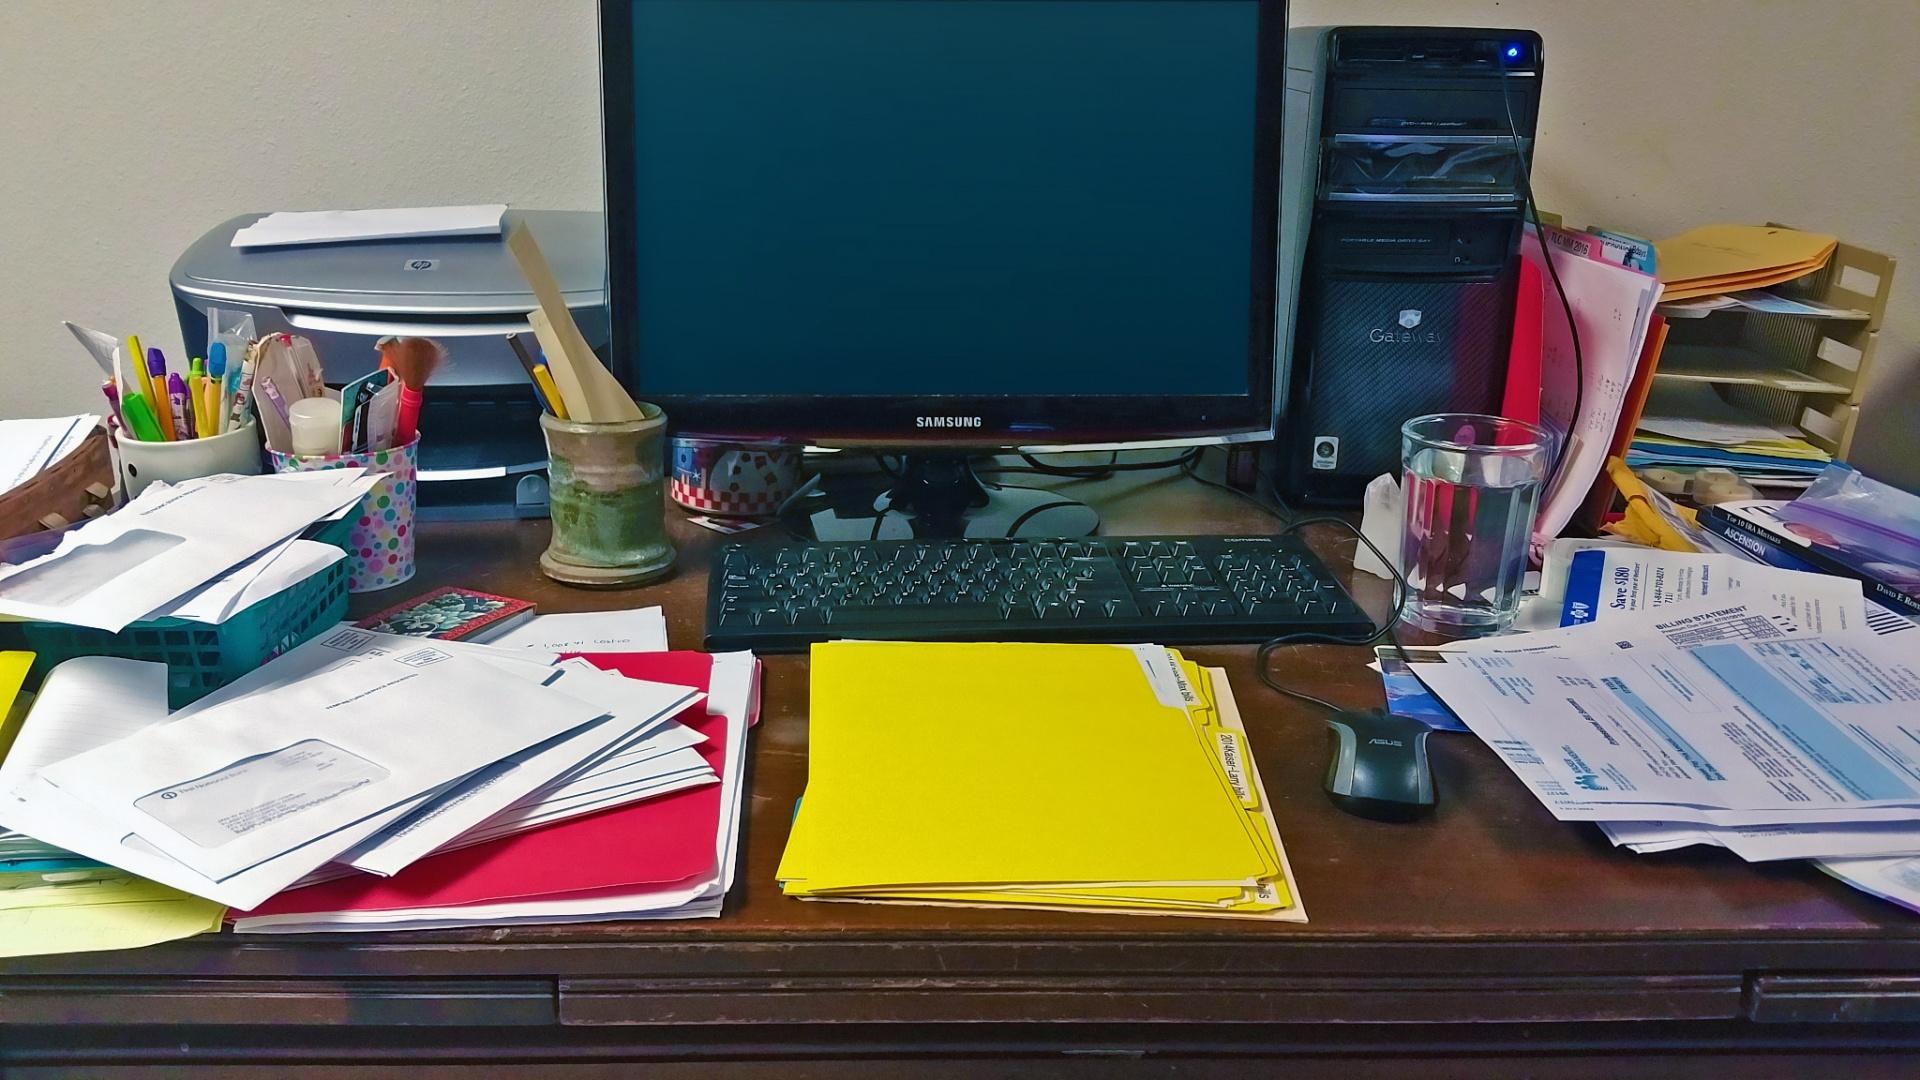 Image result for office desk paperwork